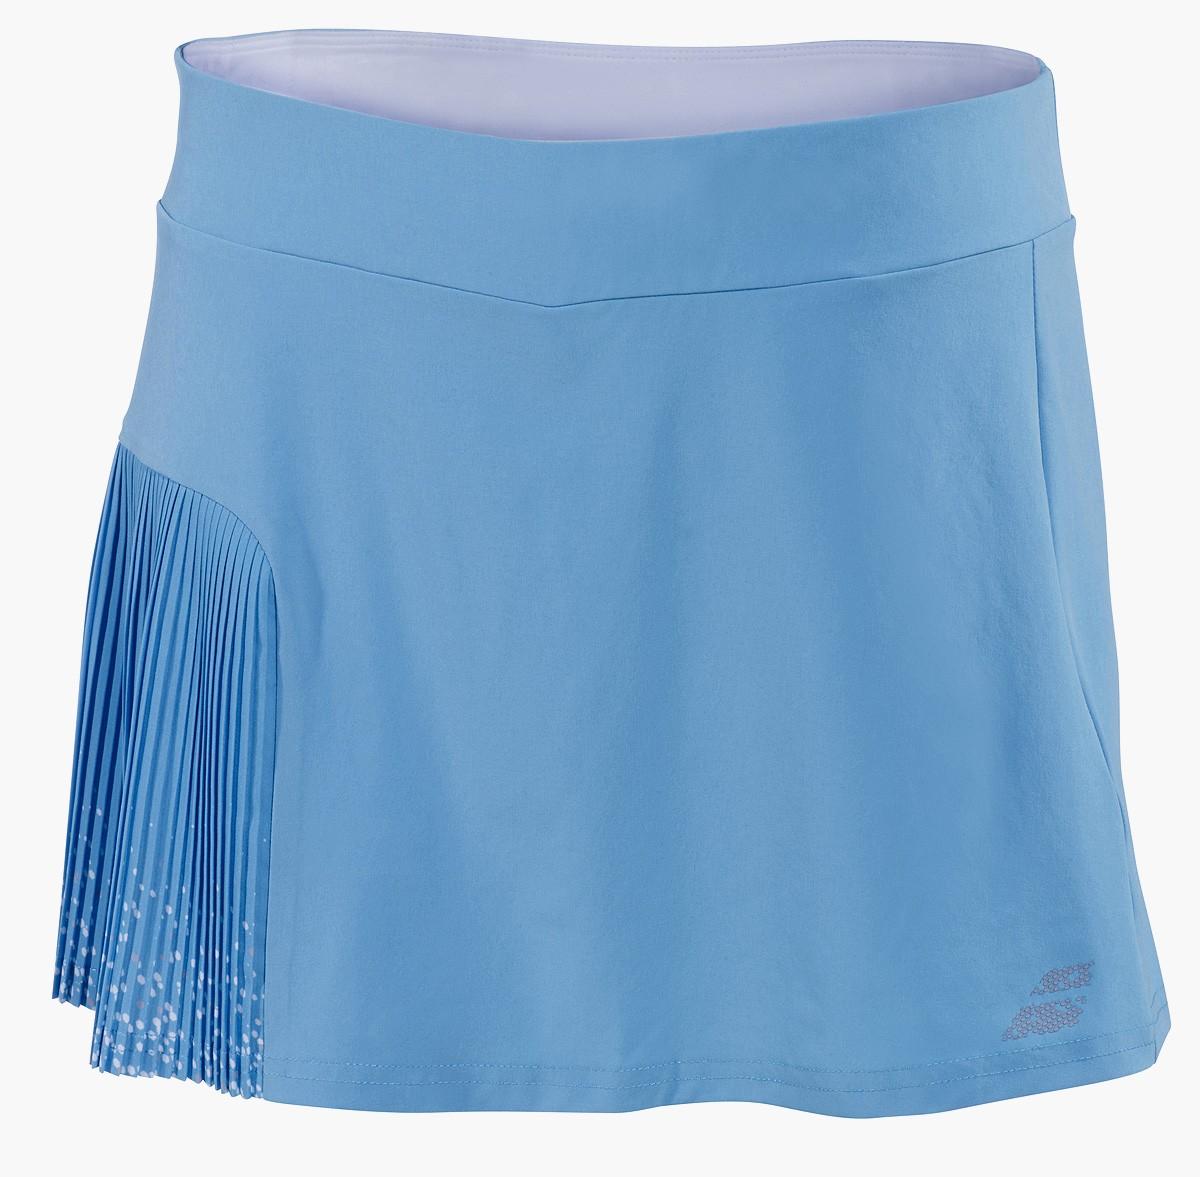 Spódniczka tenisowa Babolat PERF Skirt Horizon Blue